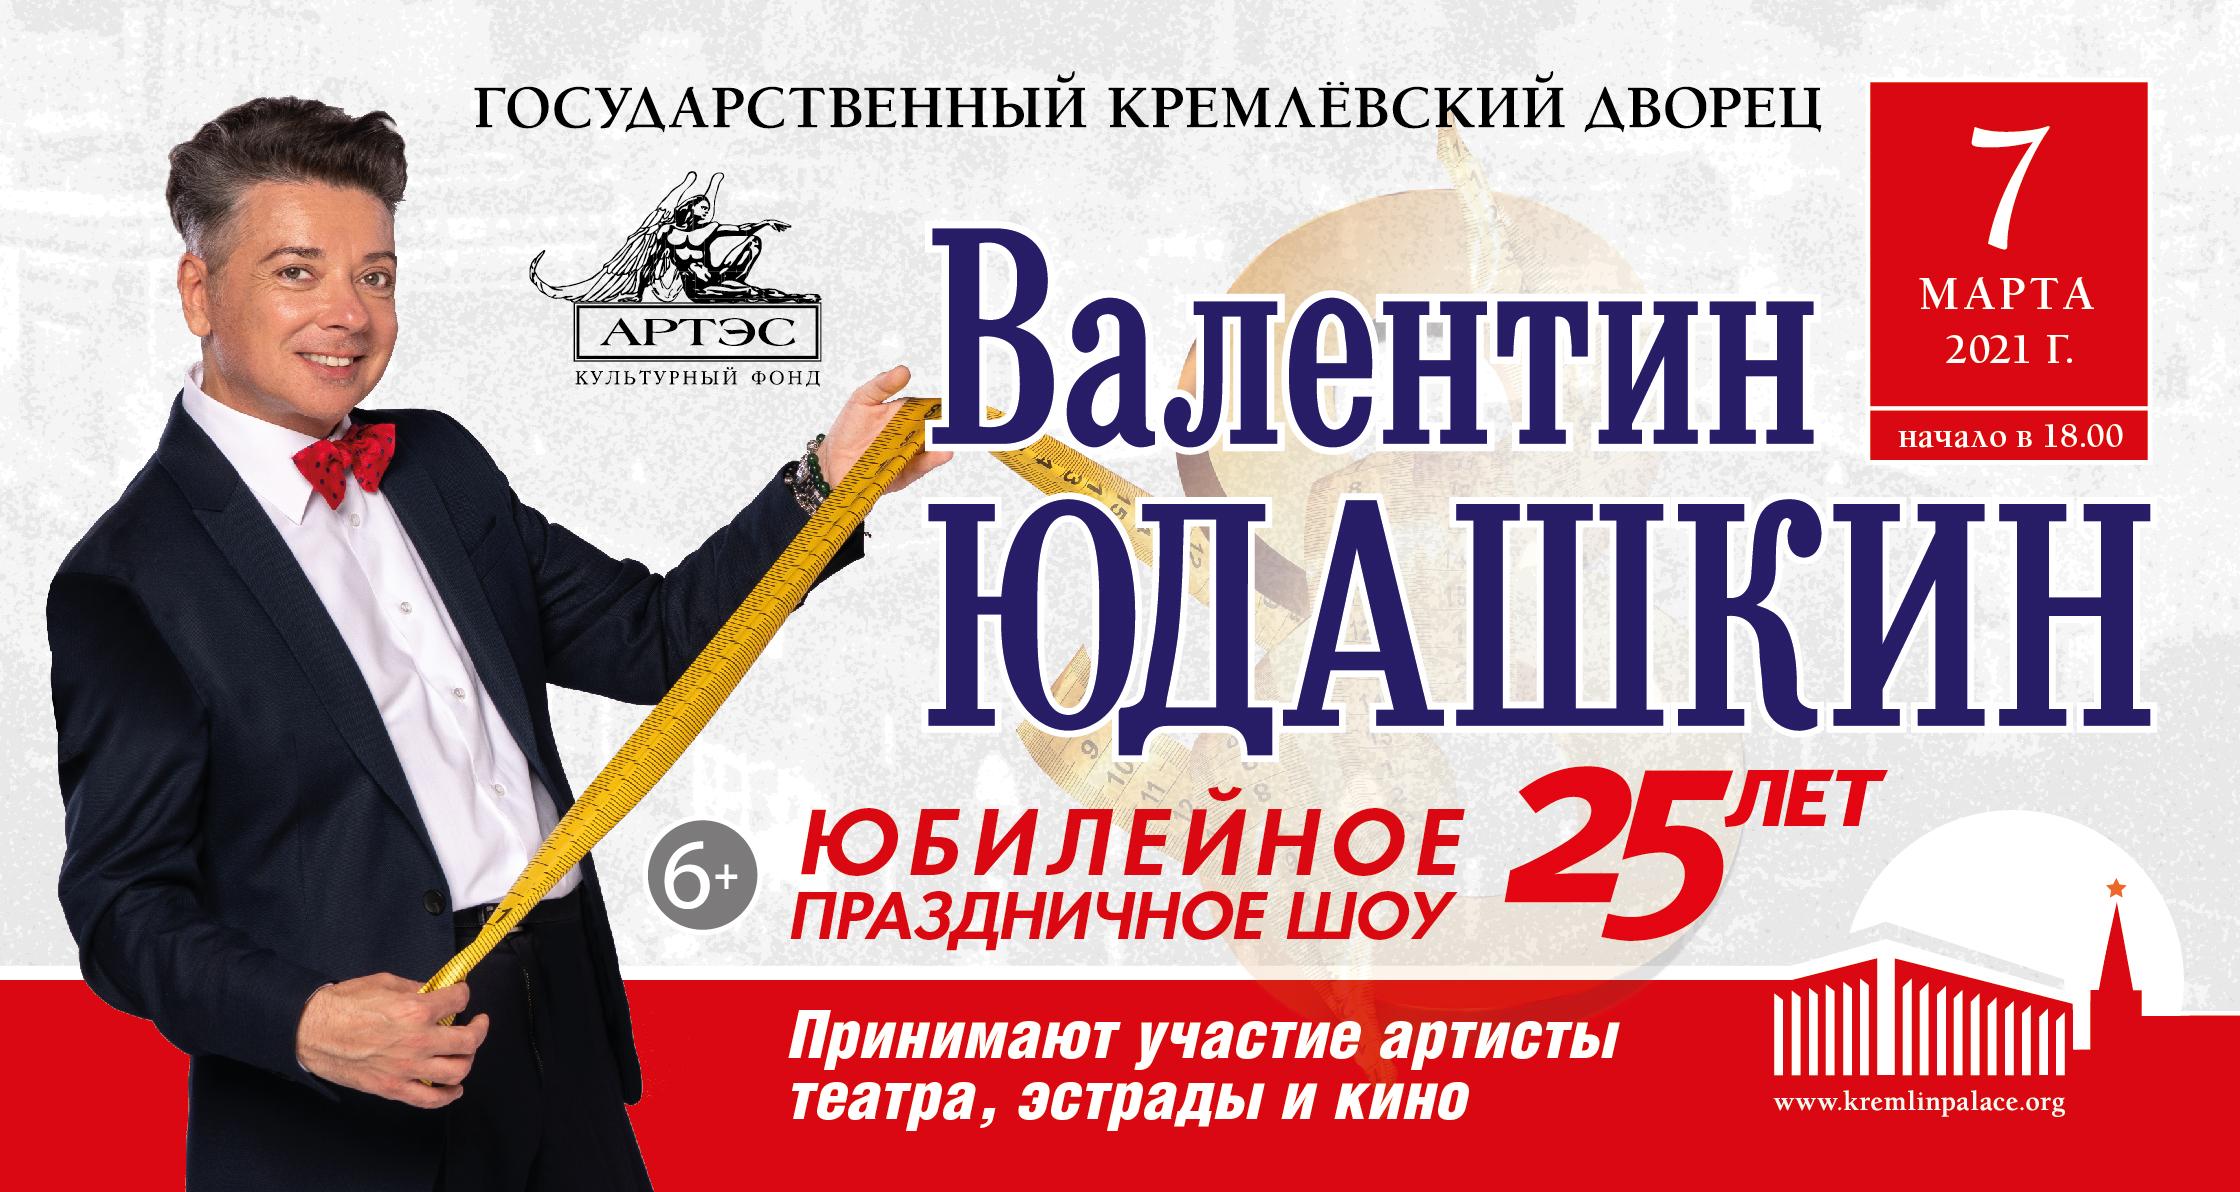 Валентин юдашкин шоу 8 марта григорьев модели социальной работы